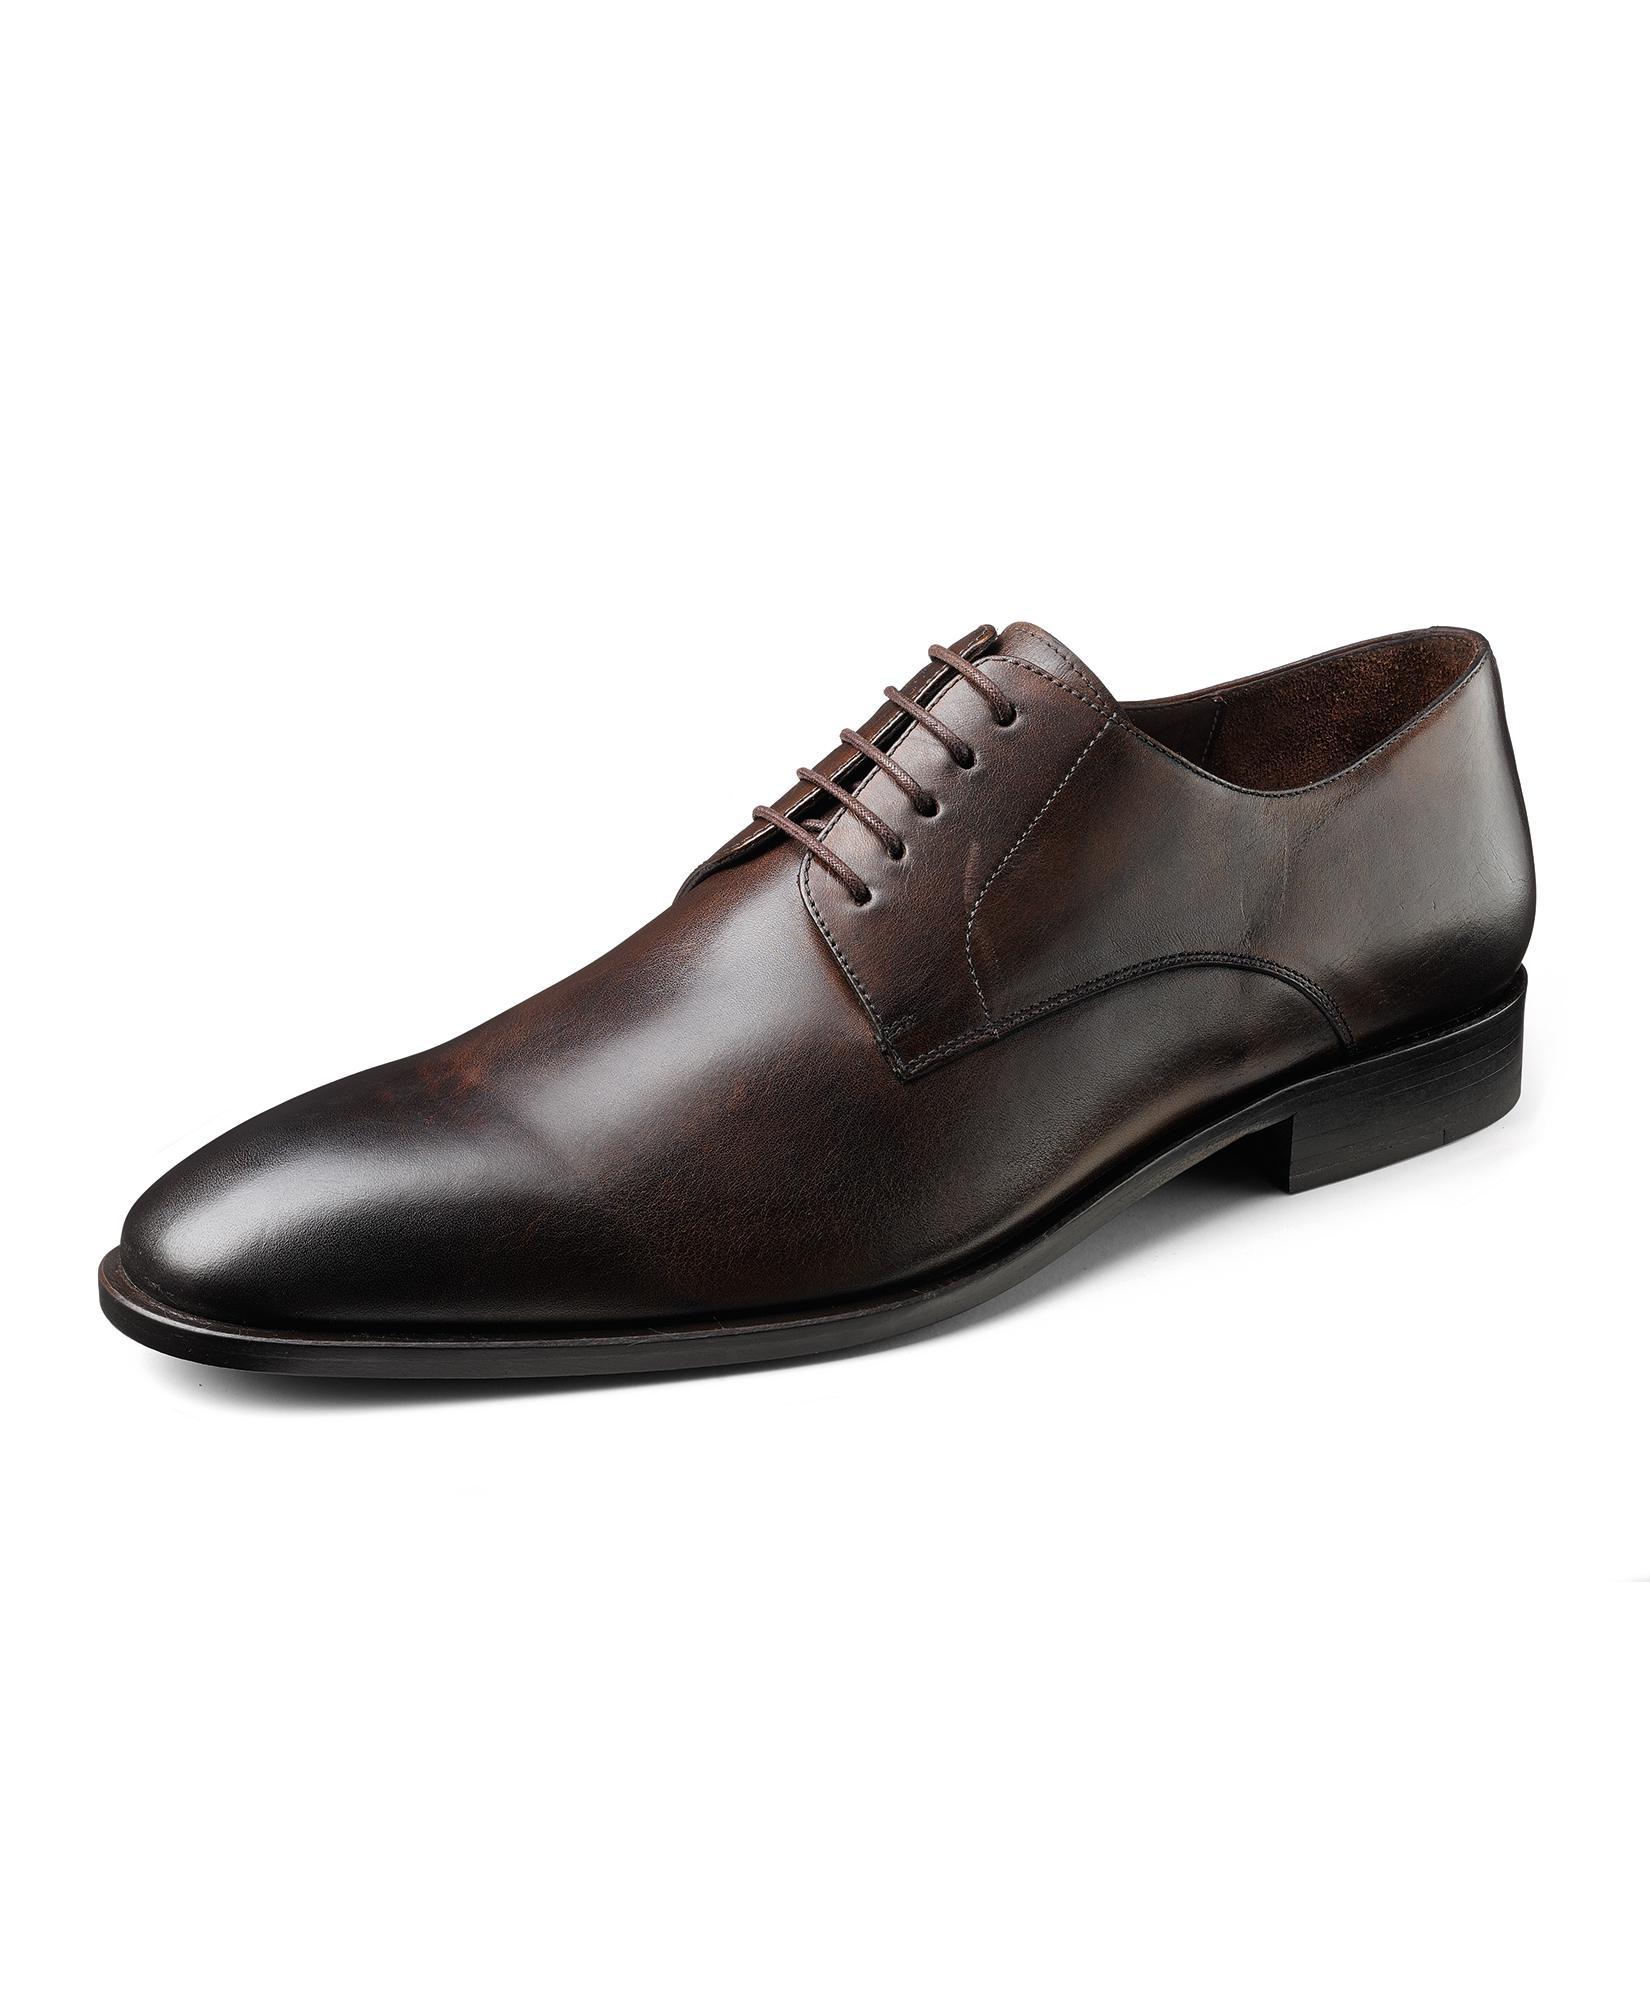 Wilvorst bőr cipő 0290-448314/.. Ár:44.900 Ft